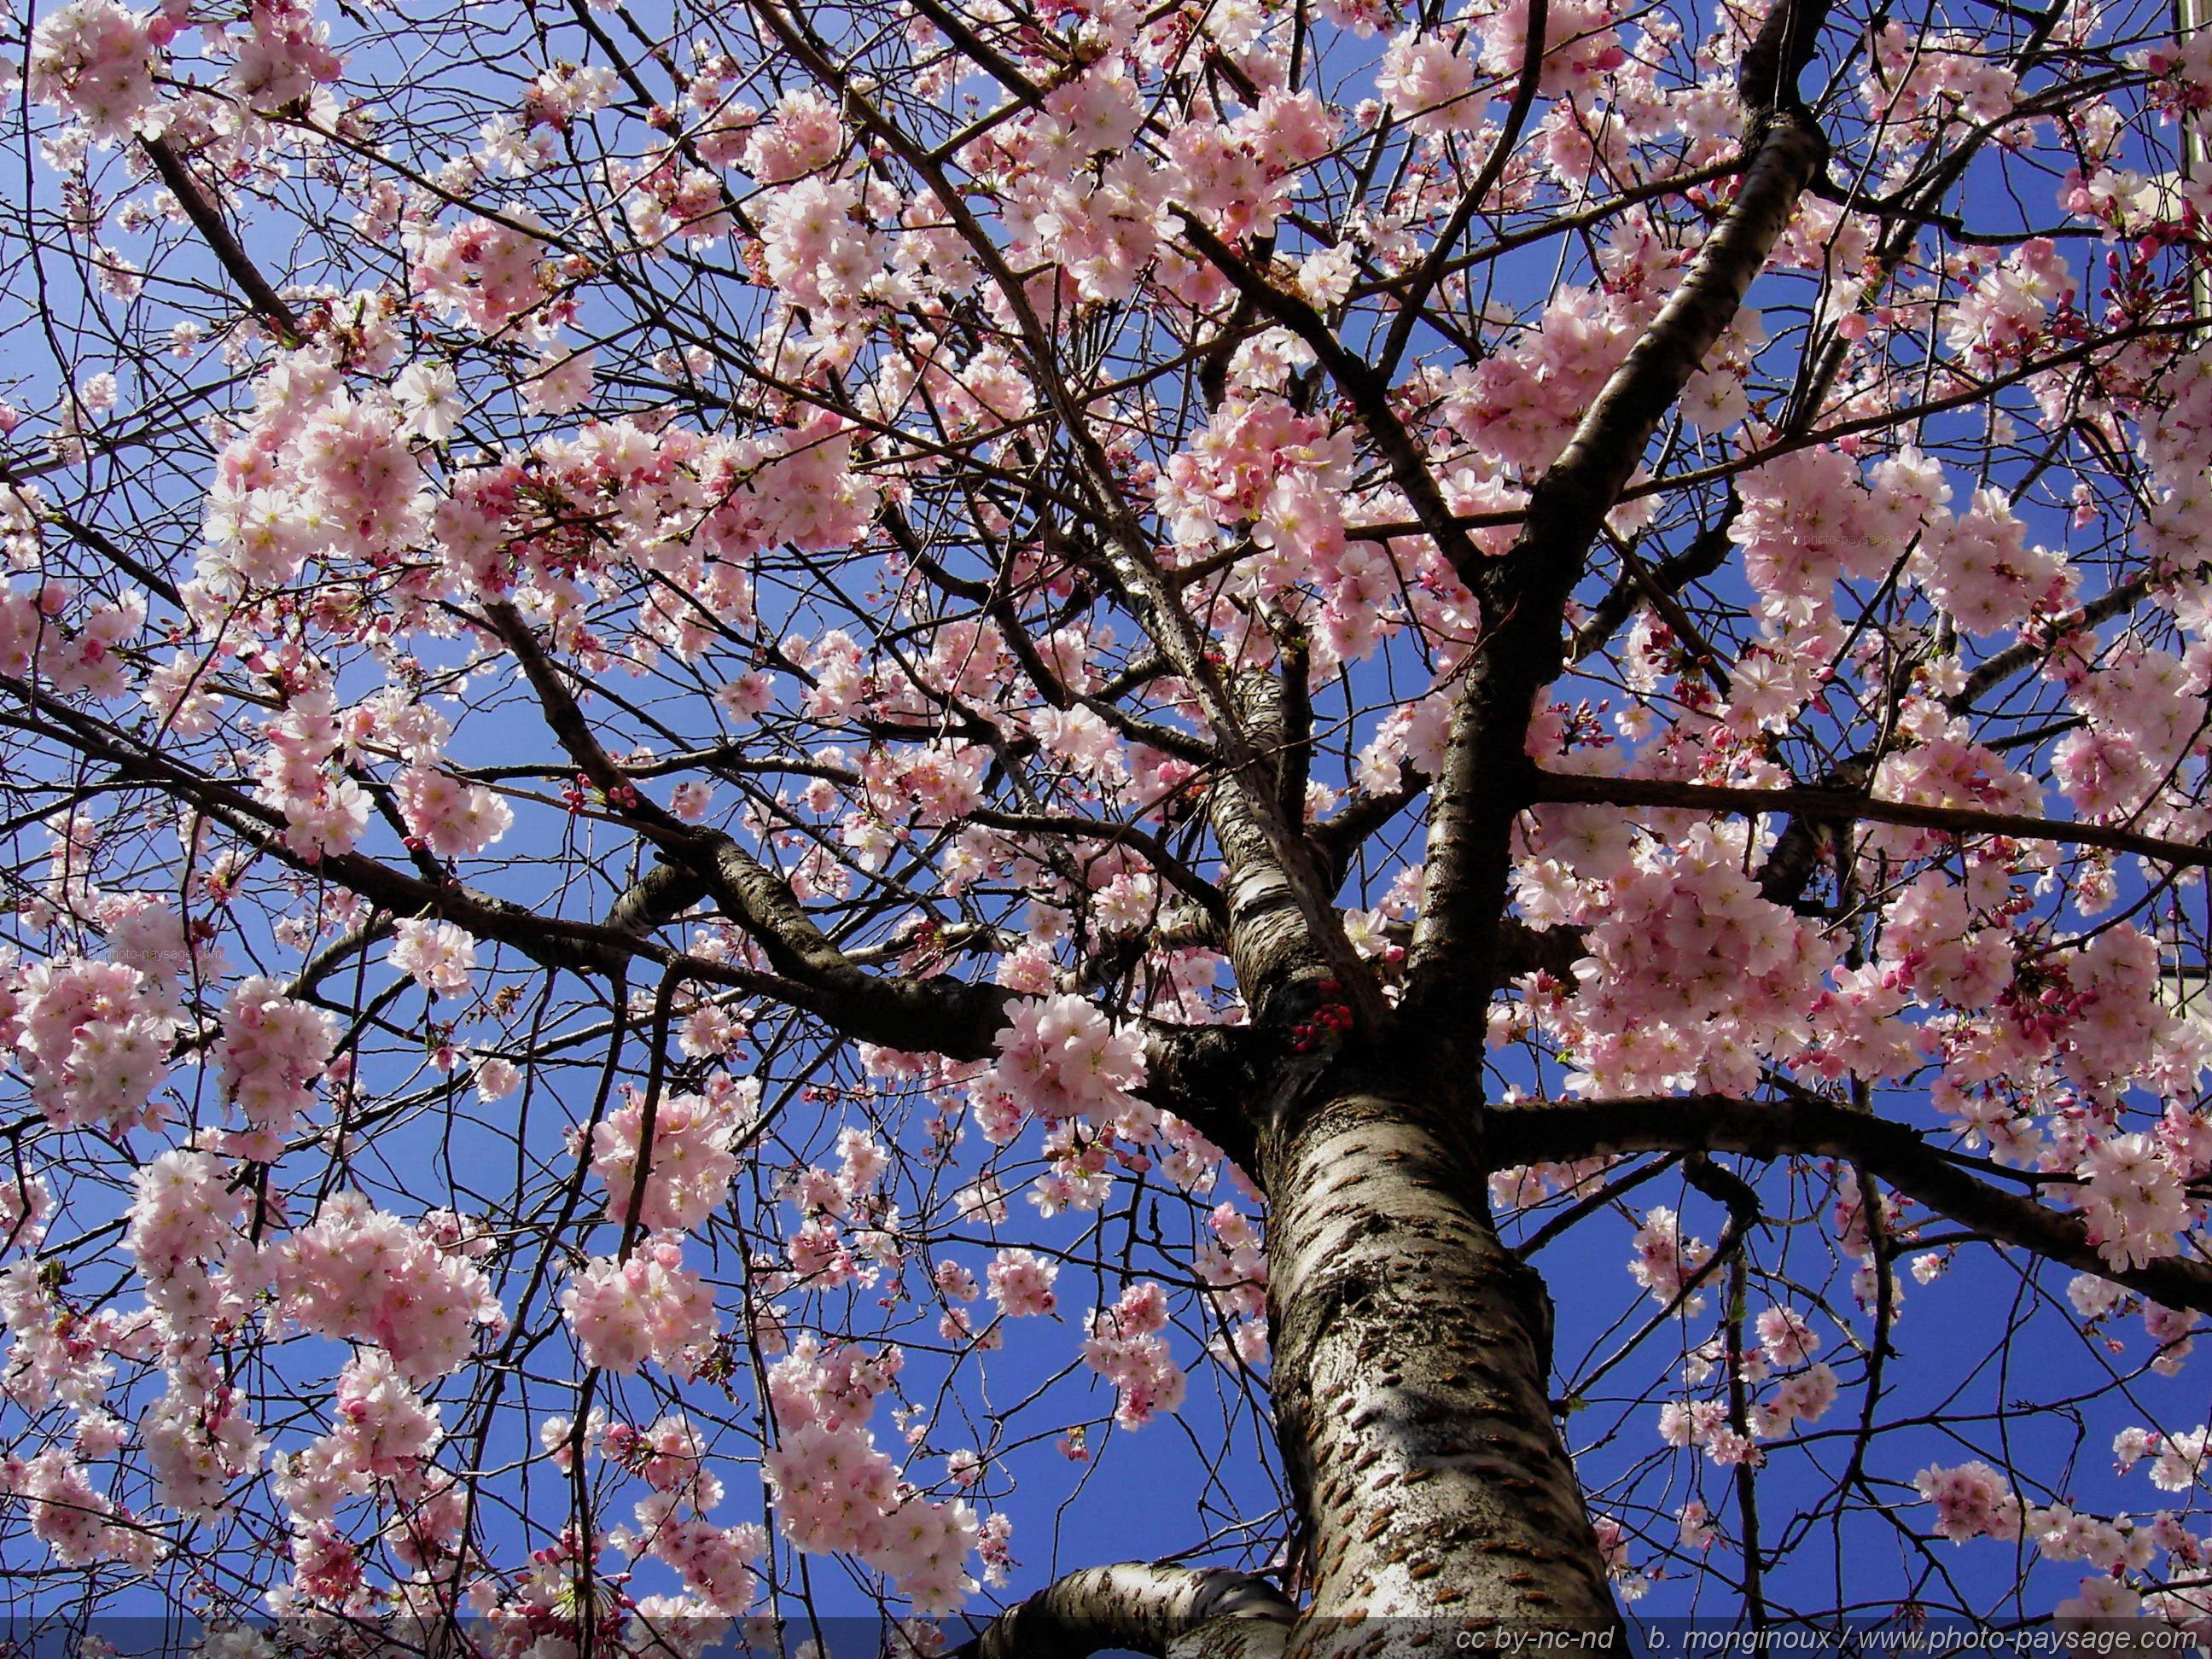 arbre en fleurs la photo printani re la plus partag e le blog de photo. Black Bedroom Furniture Sets. Home Design Ideas